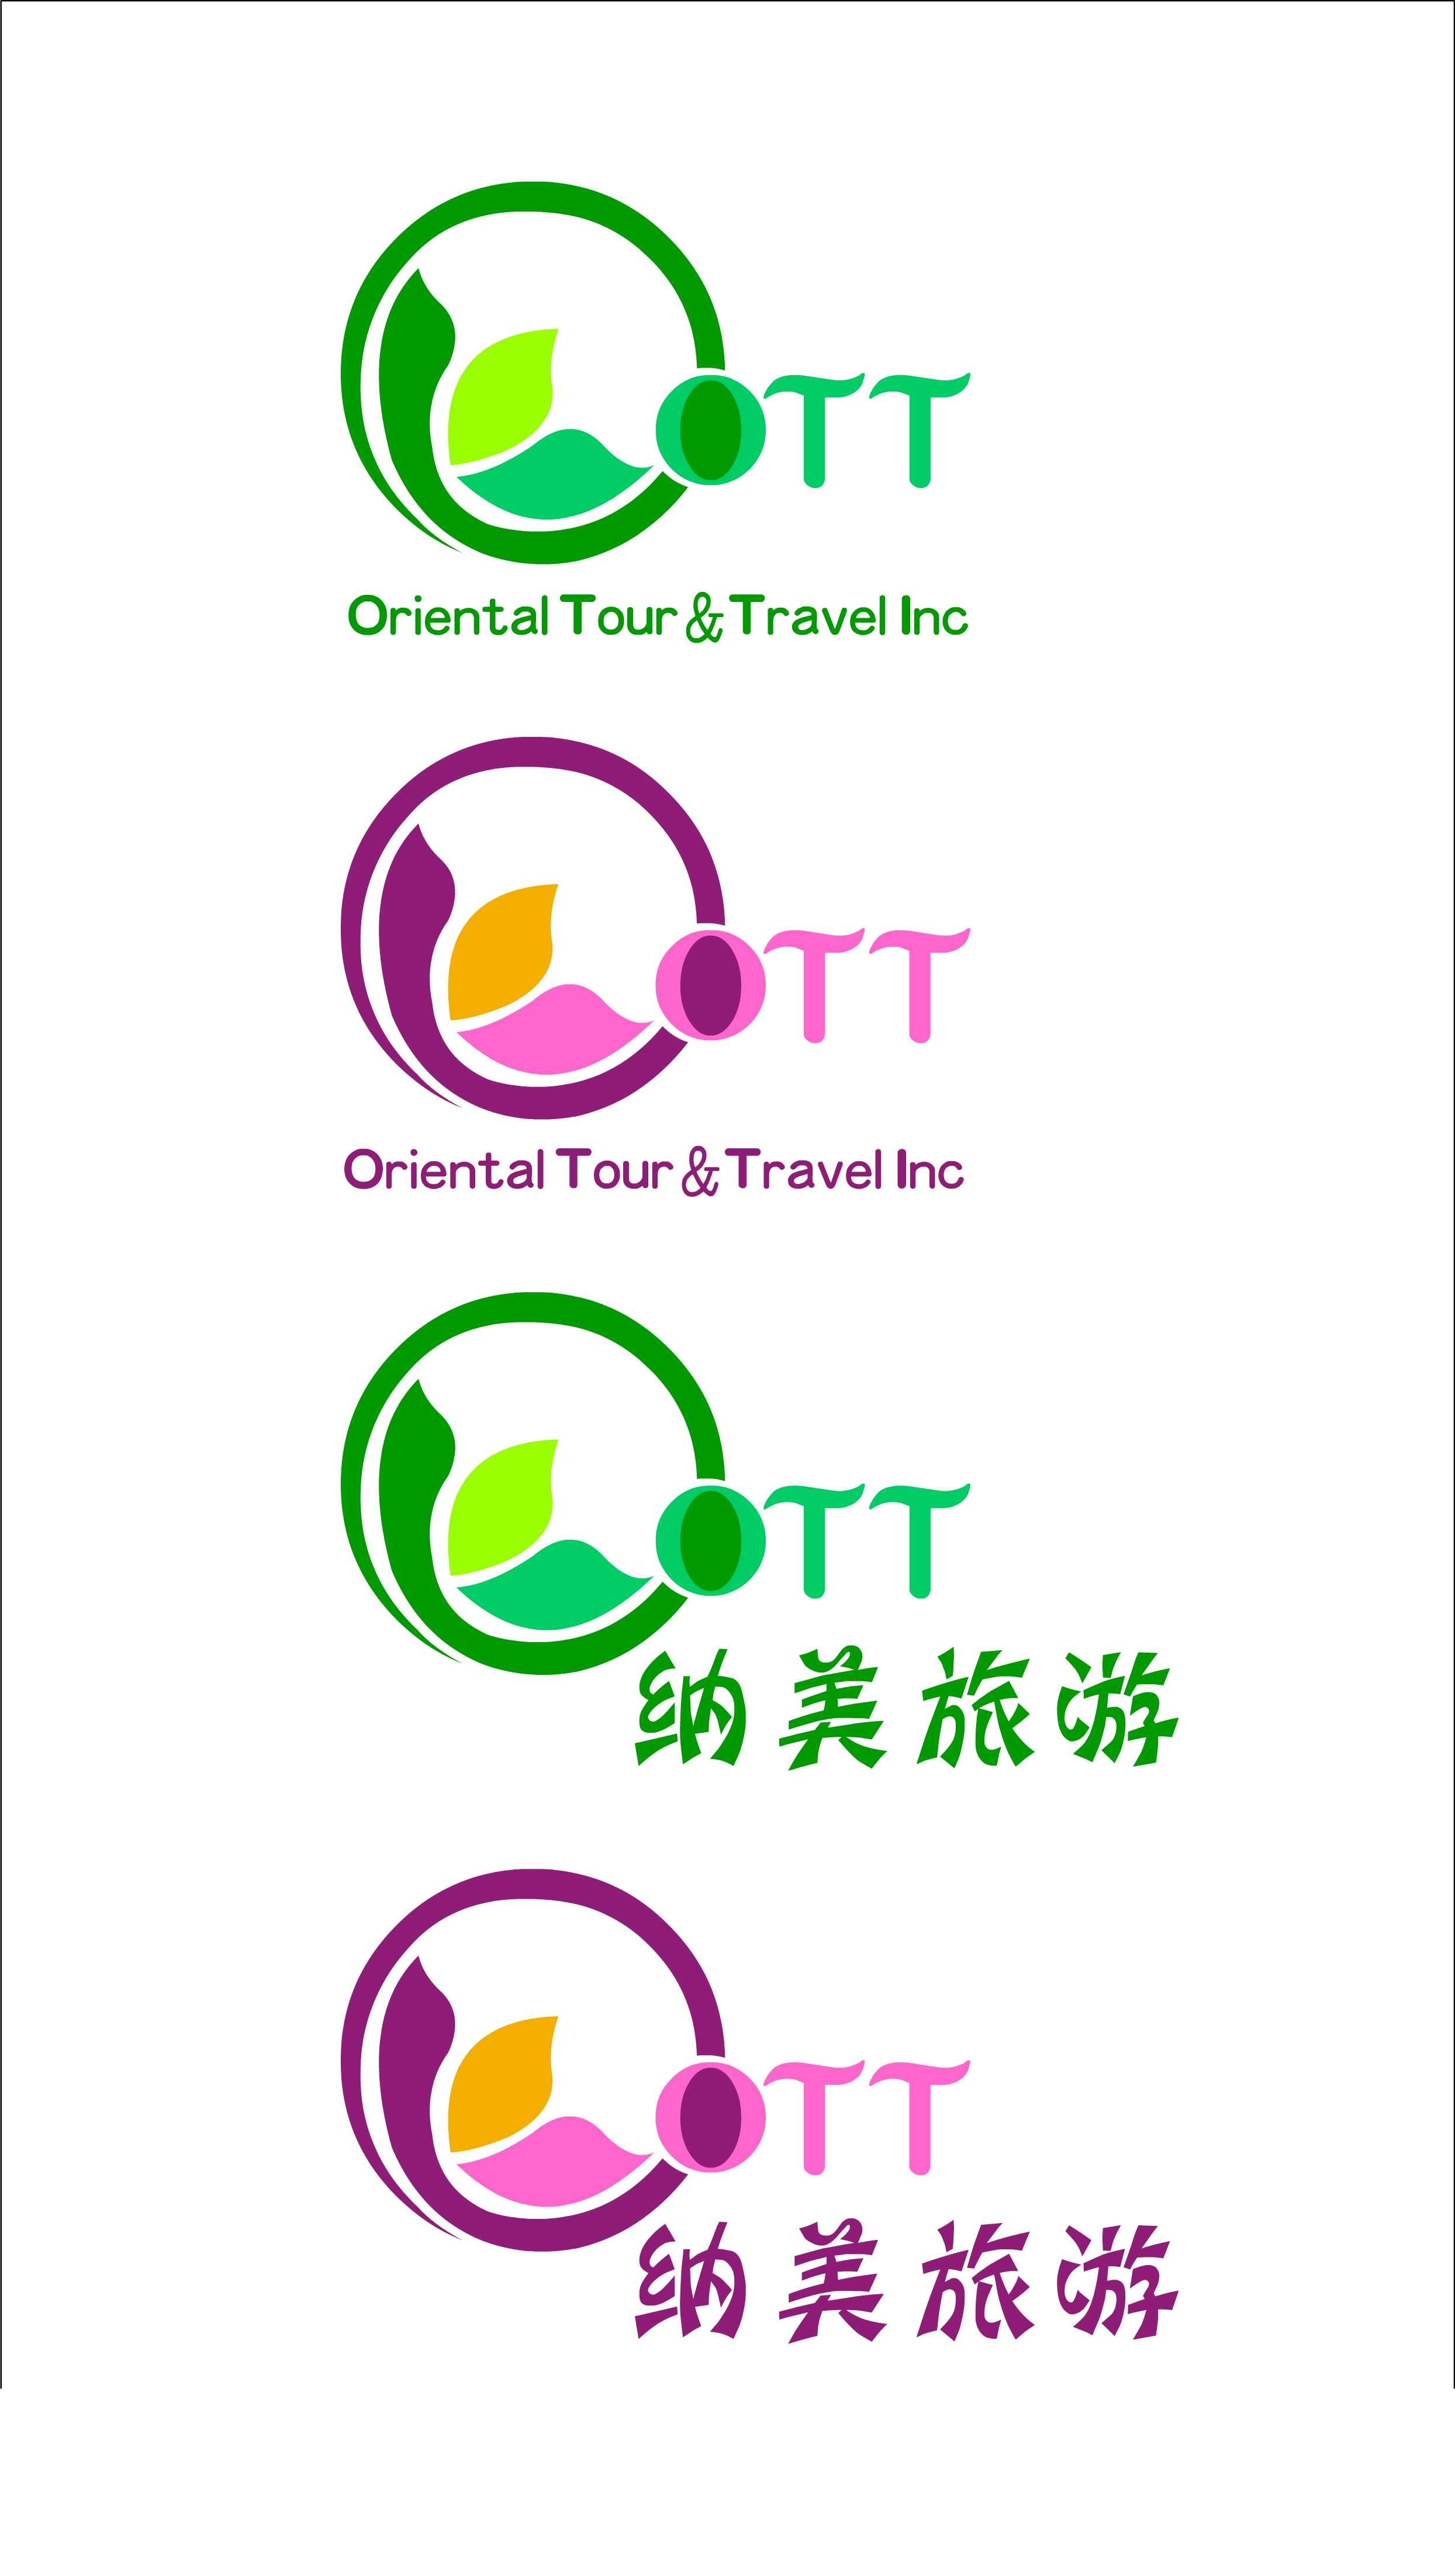 企业logo,主要用于网站。 公司中文名称简写: 纳美旅游 英文全称: Oriental Tour & Travel Inc. 缩写可以写为 OTT。 主营国际机票,旅行团等旅游业务。 logo的要求为 图形+文字。 文字请用英文和中文分别展示效果。 logo请用冷色系和暖色系分别展示效果。 欢迎并感谢各位设计者参与!  【客户联系方式】 见二楼 【重要说明】